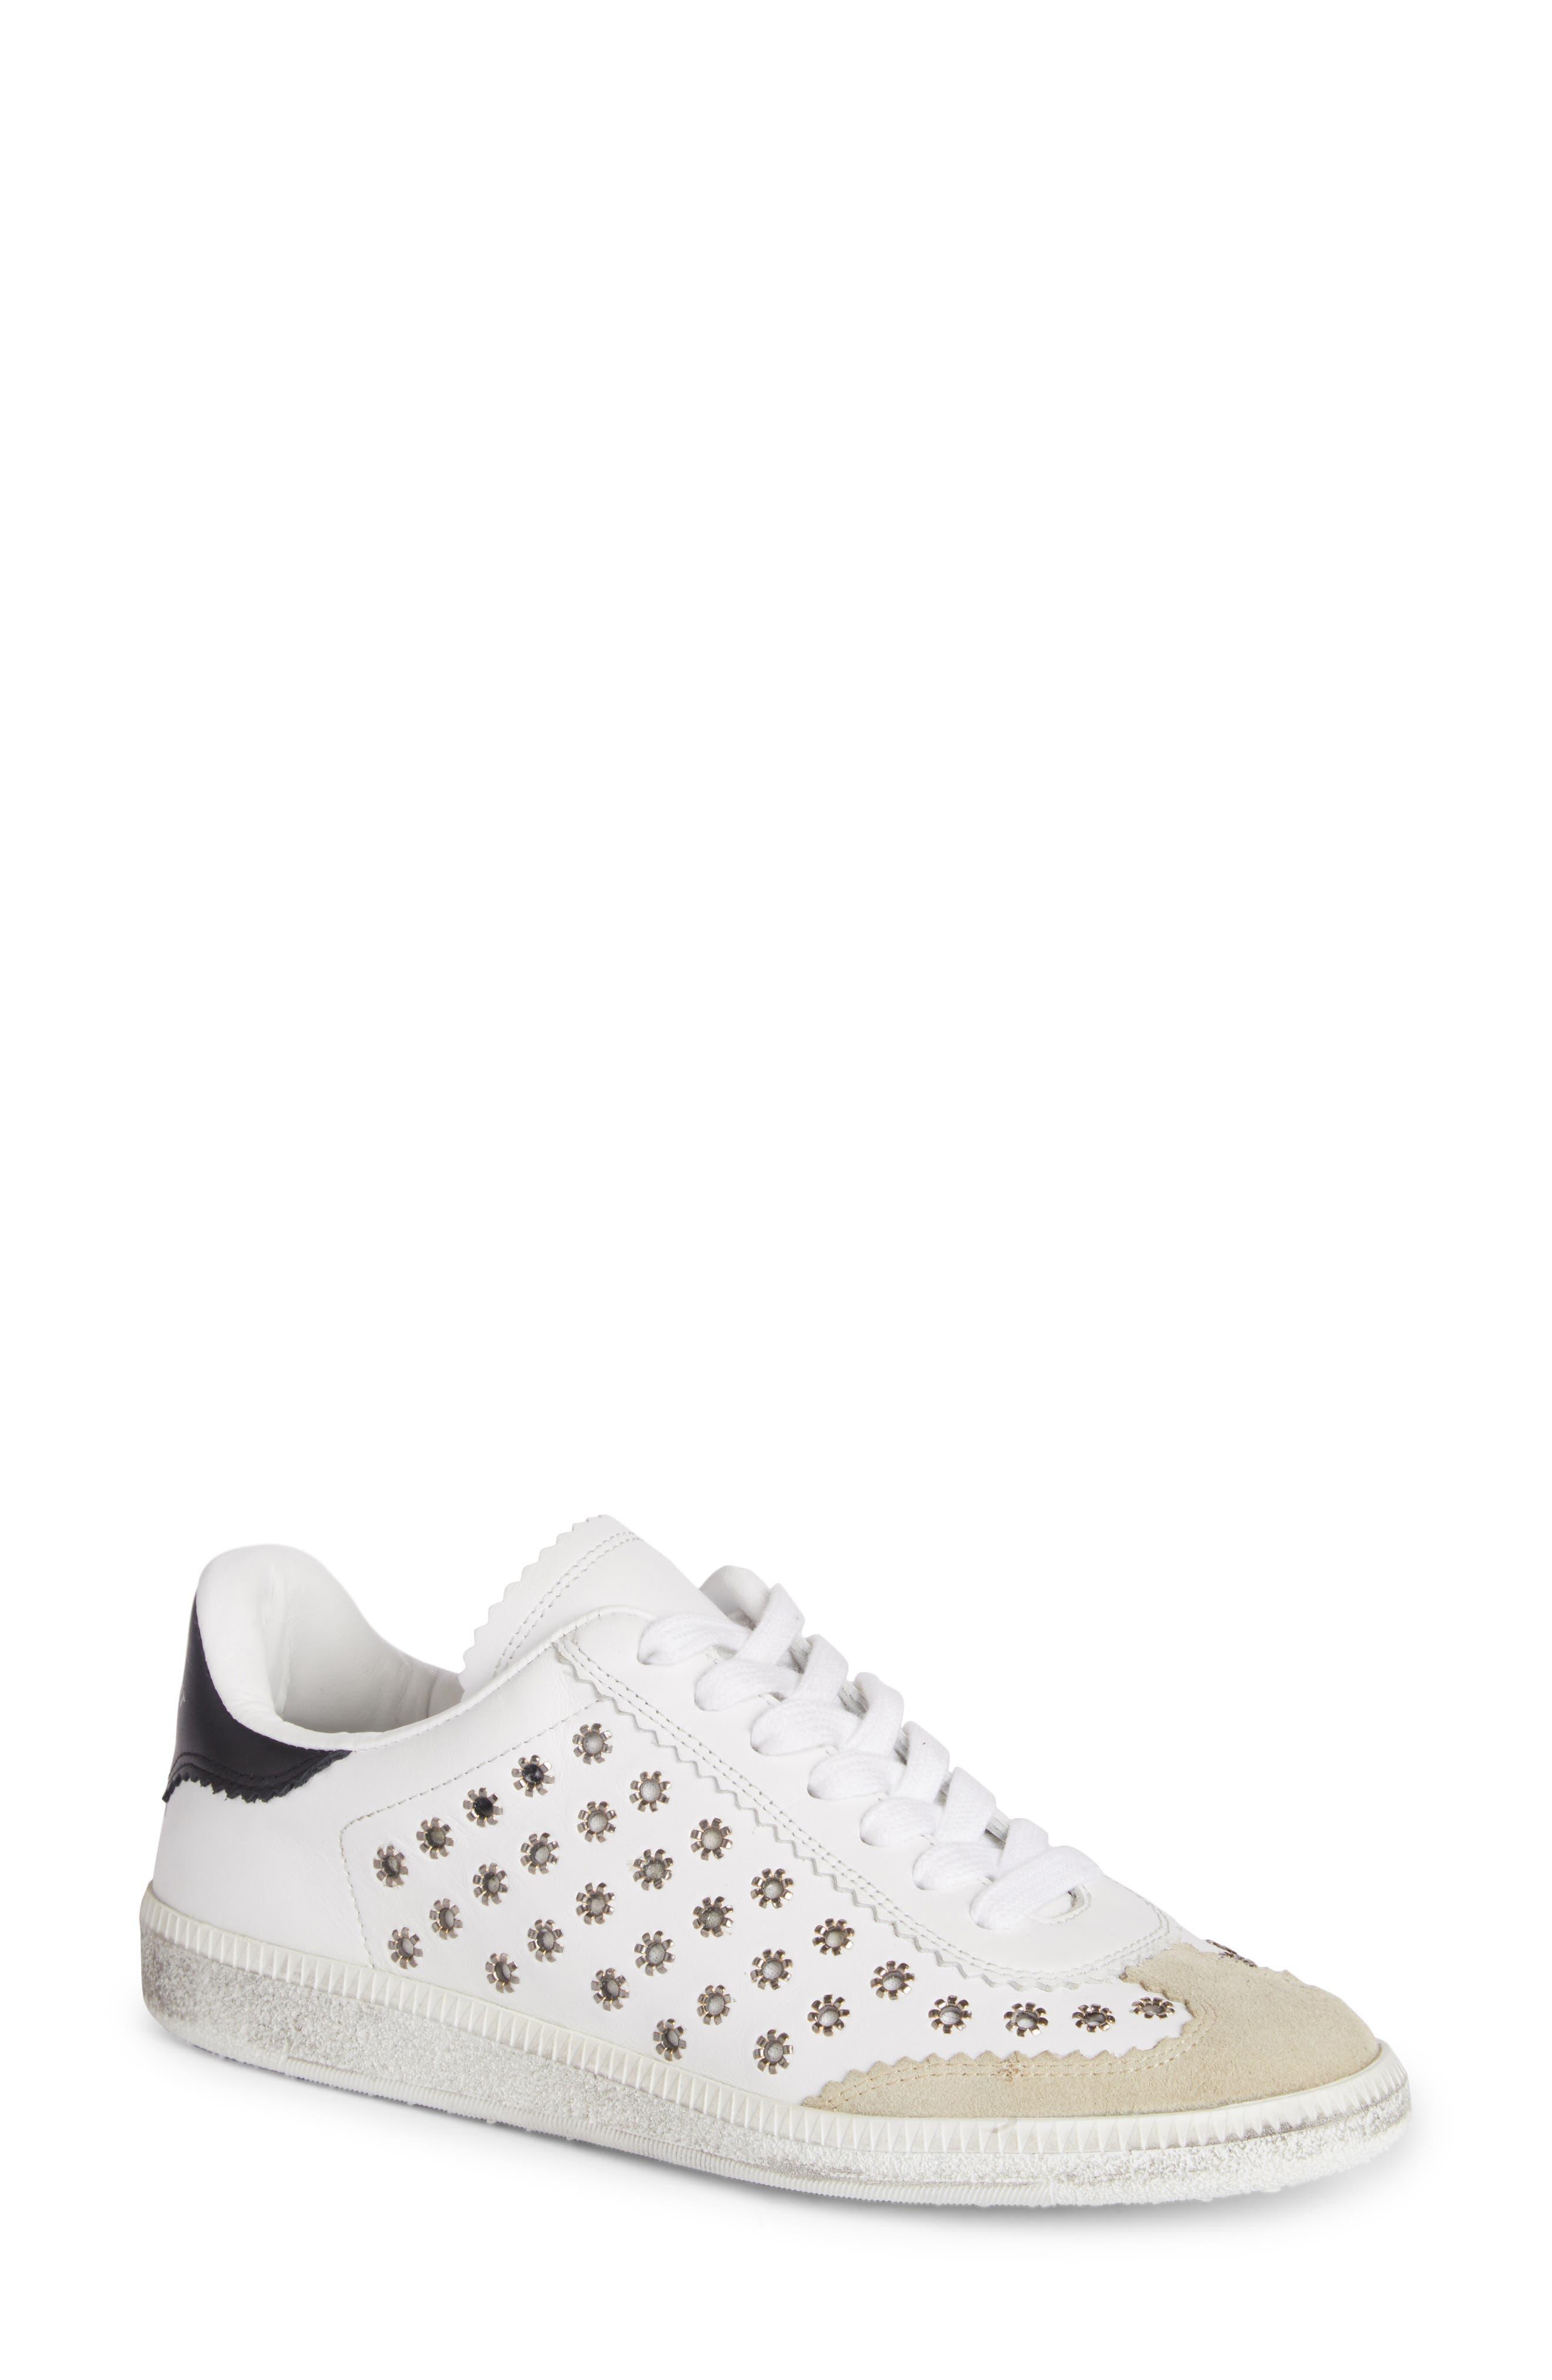 Alternate Image 1 Selected - Isabel Marant Grommet Sneaker (Women)